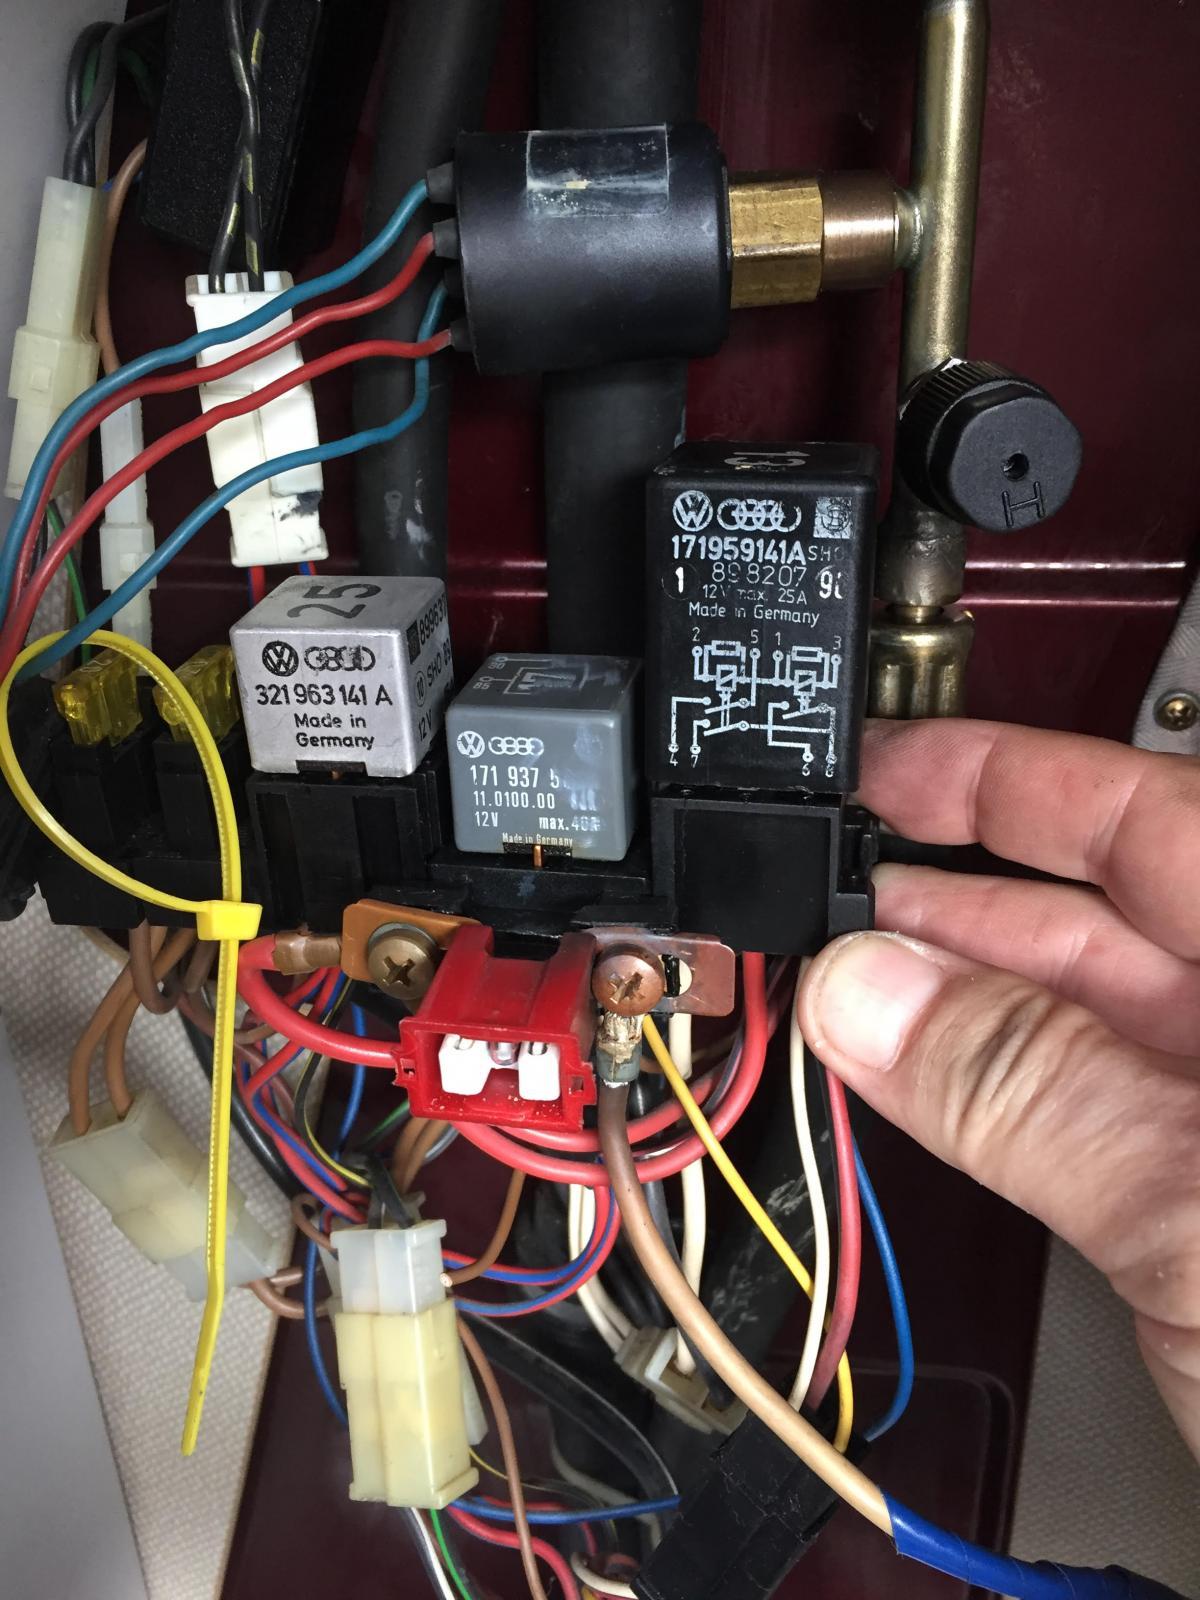 Wiring Diagram Vanagon Firewall Box - seniorsclub.it nerve -  nerve.hazzart.itHazzart